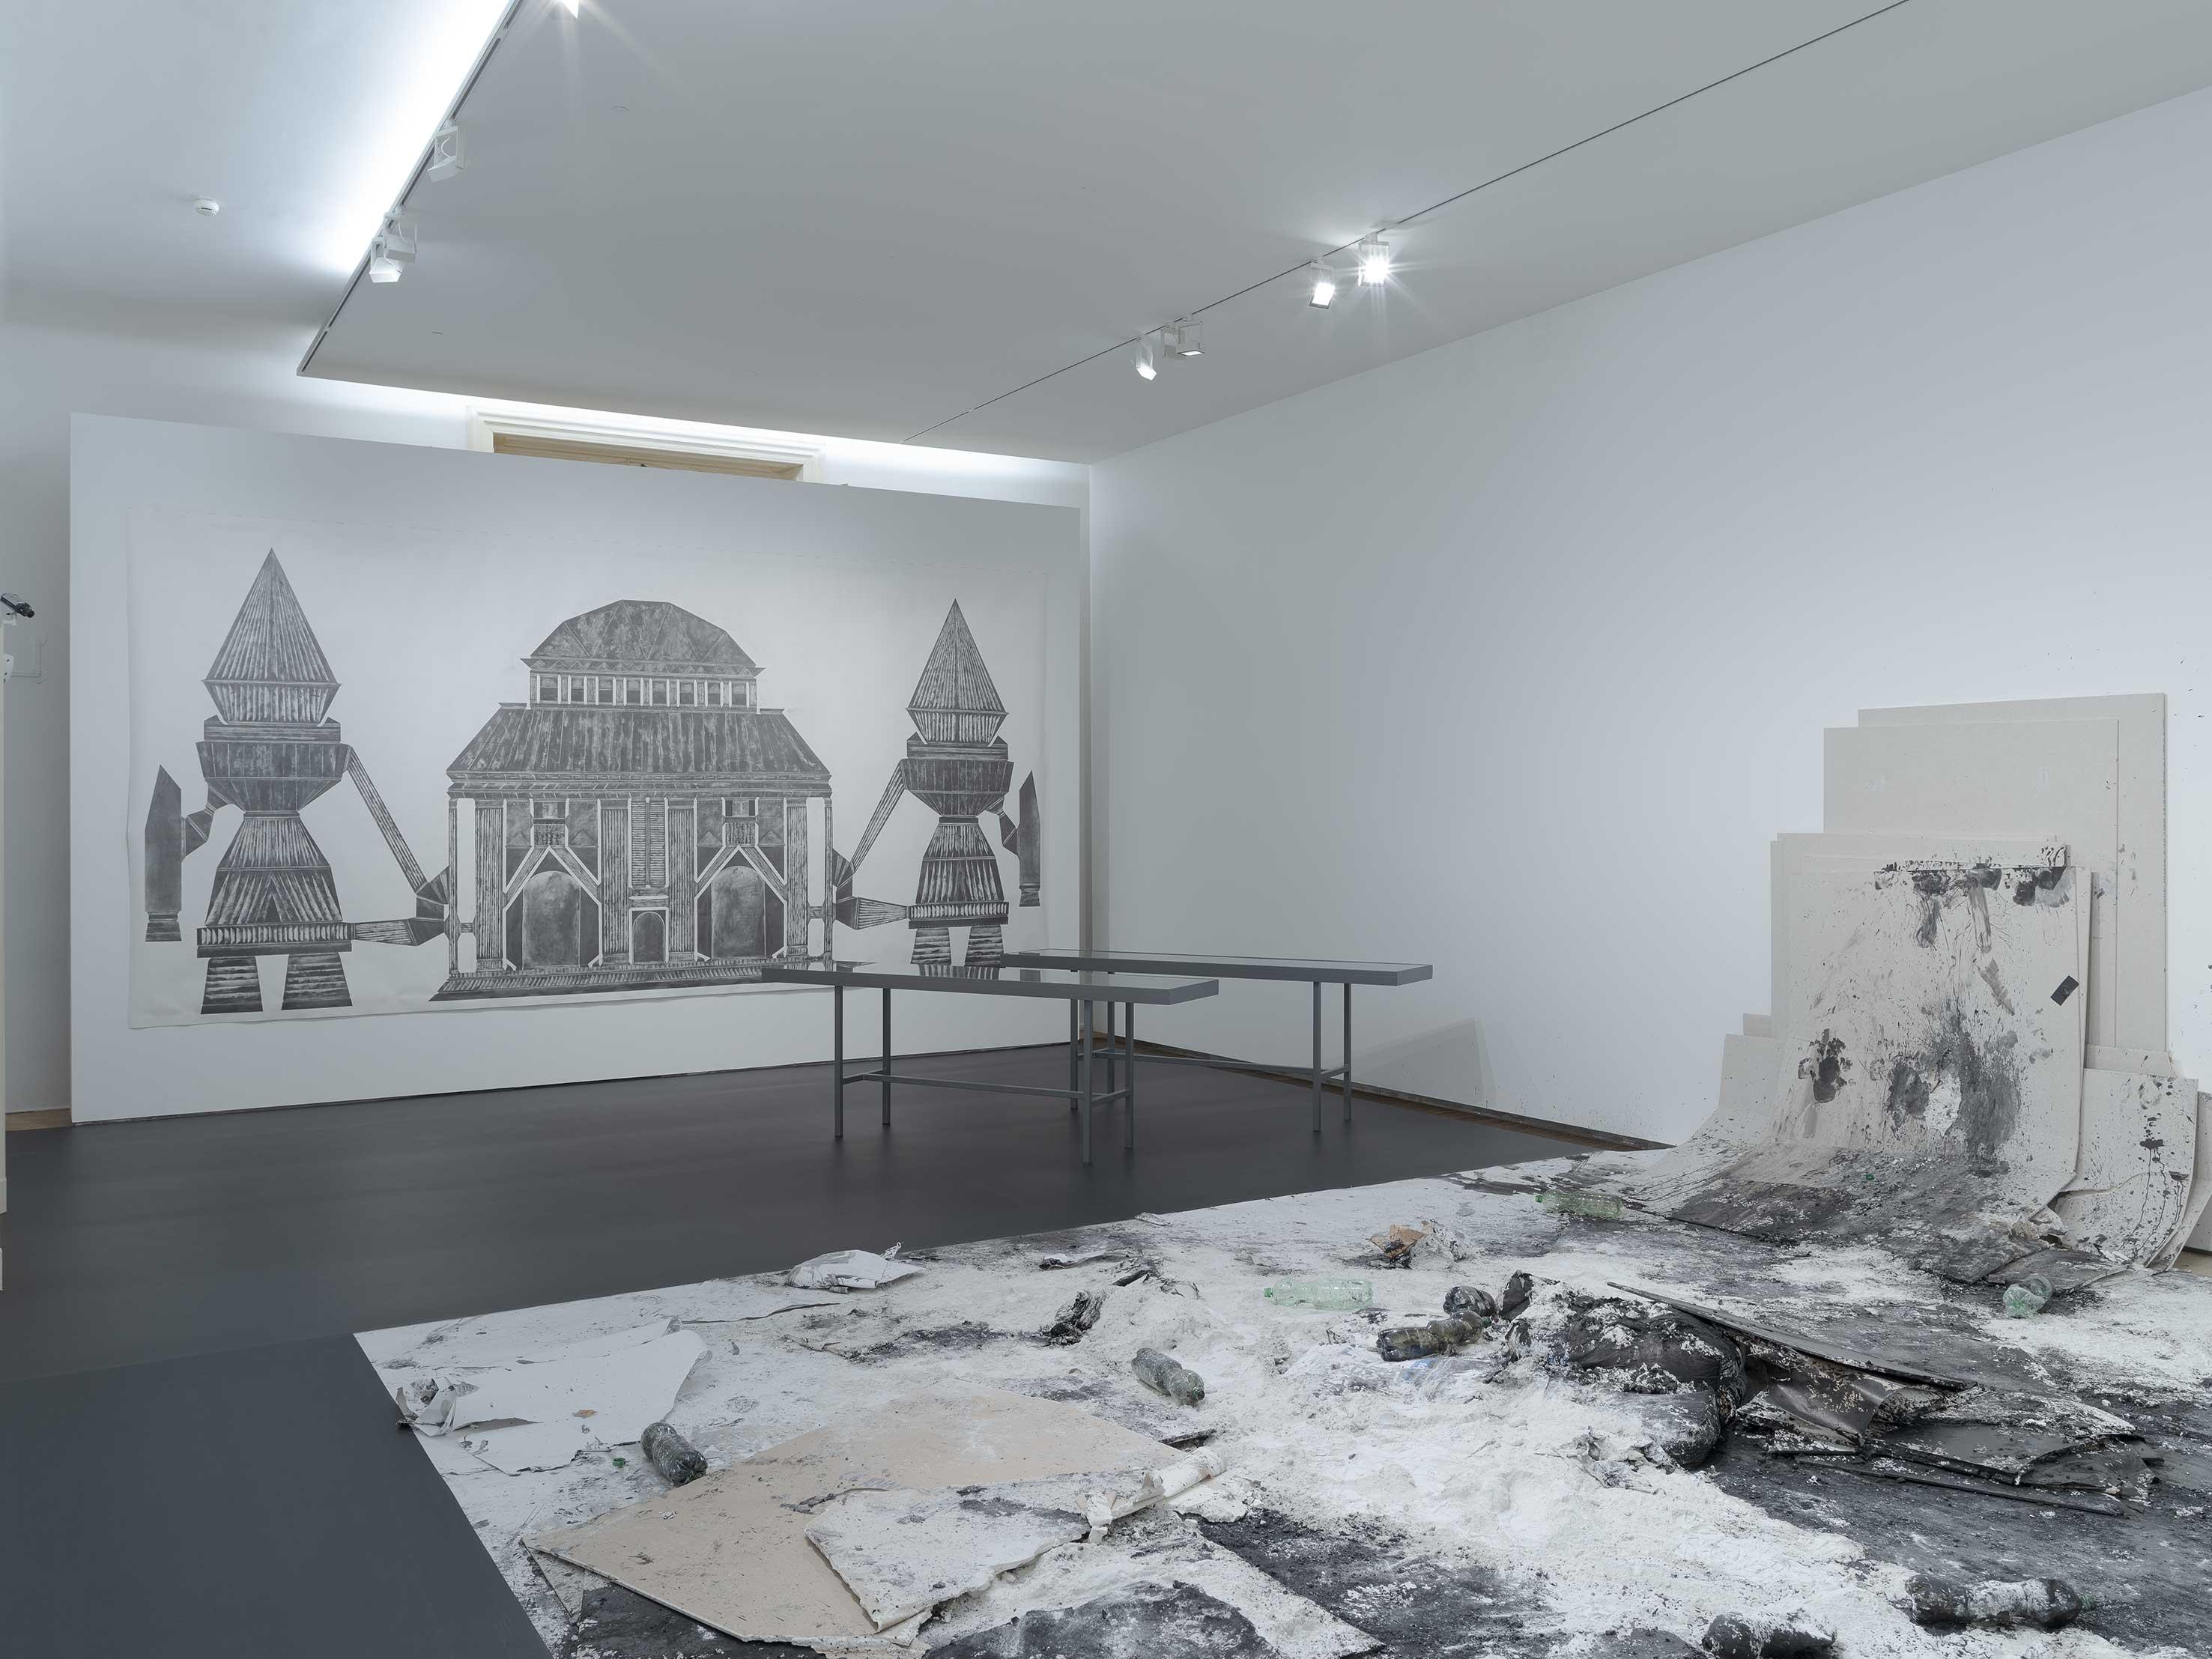 """Ausstellungsansicht """"Obsession Zeichnen"""" im Bruseum / Neue Galerie Graz (kuratiert von Roman Grabner """"transfigured to pure substance"""" 300 x 500 cm Bleistift und Graphit auf Papier (Foto: Universalmuseum Joanneum / N. Lackner)"""